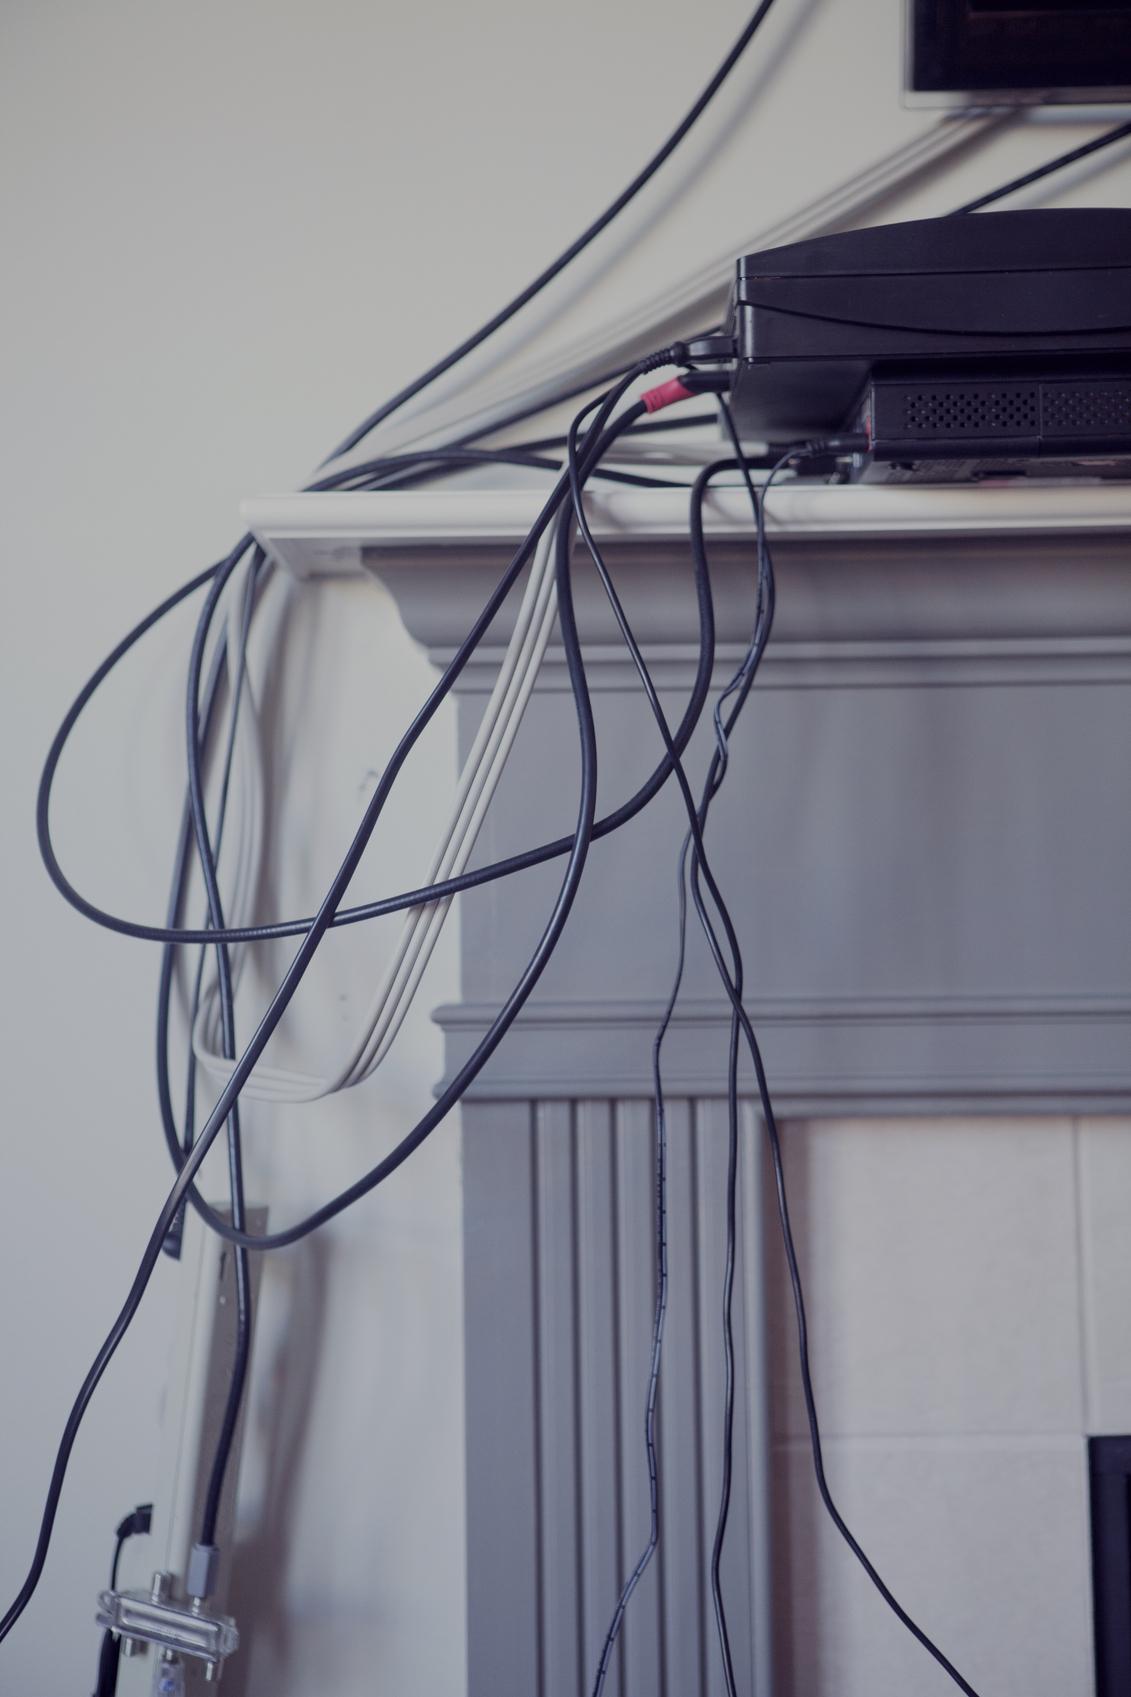 How to Hide TV Cables | Blain\'s Farm & Fleet Blog